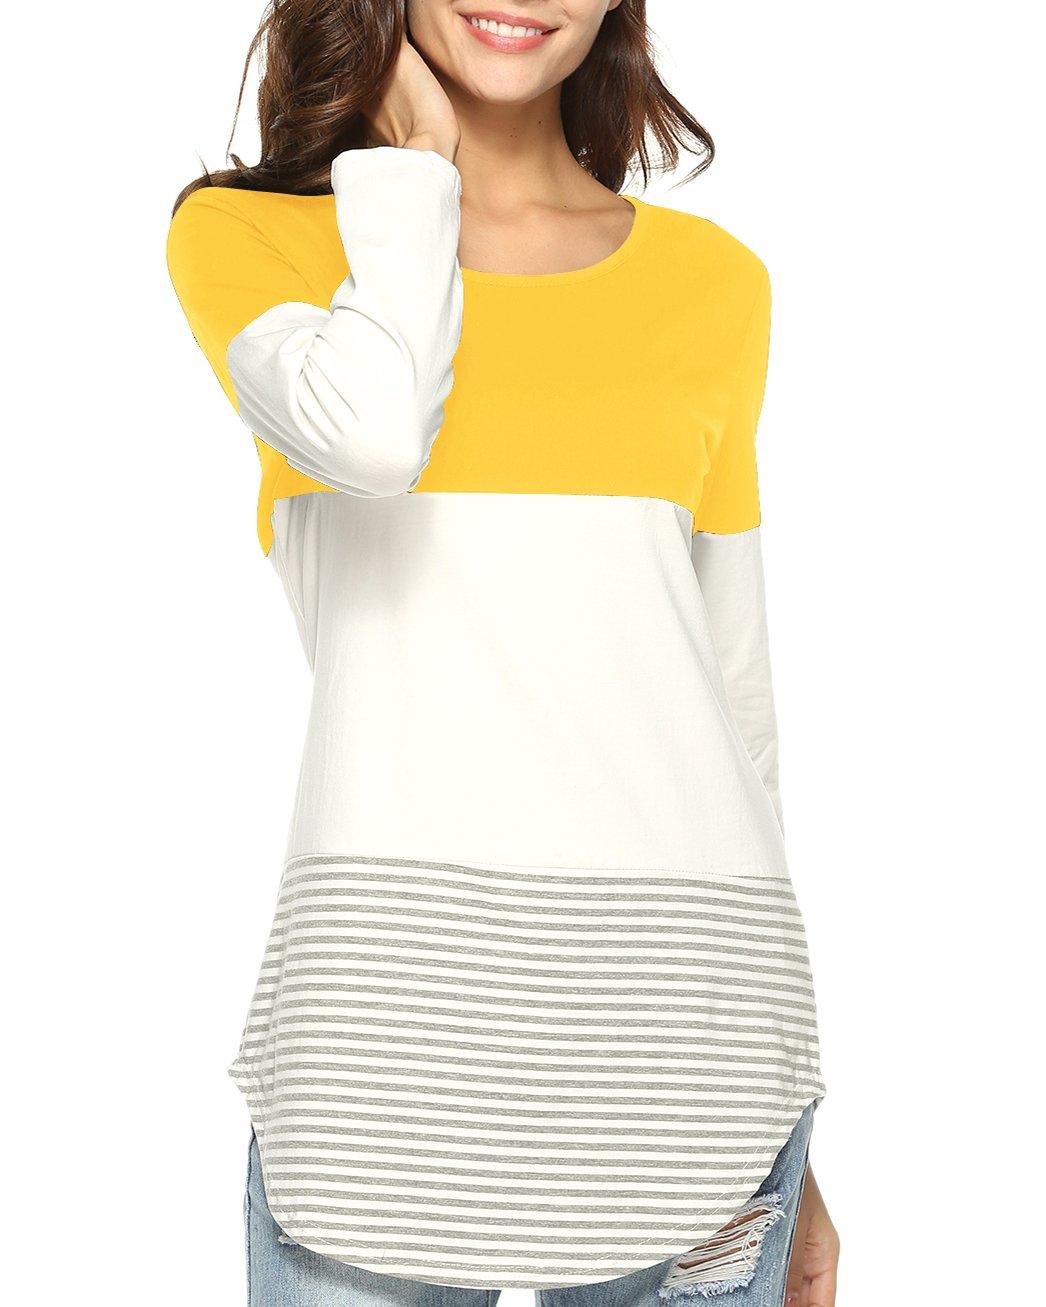 Aliex Women's Tunic Top Casual Long Sleeve T-Shirt Color Block Yellow XL